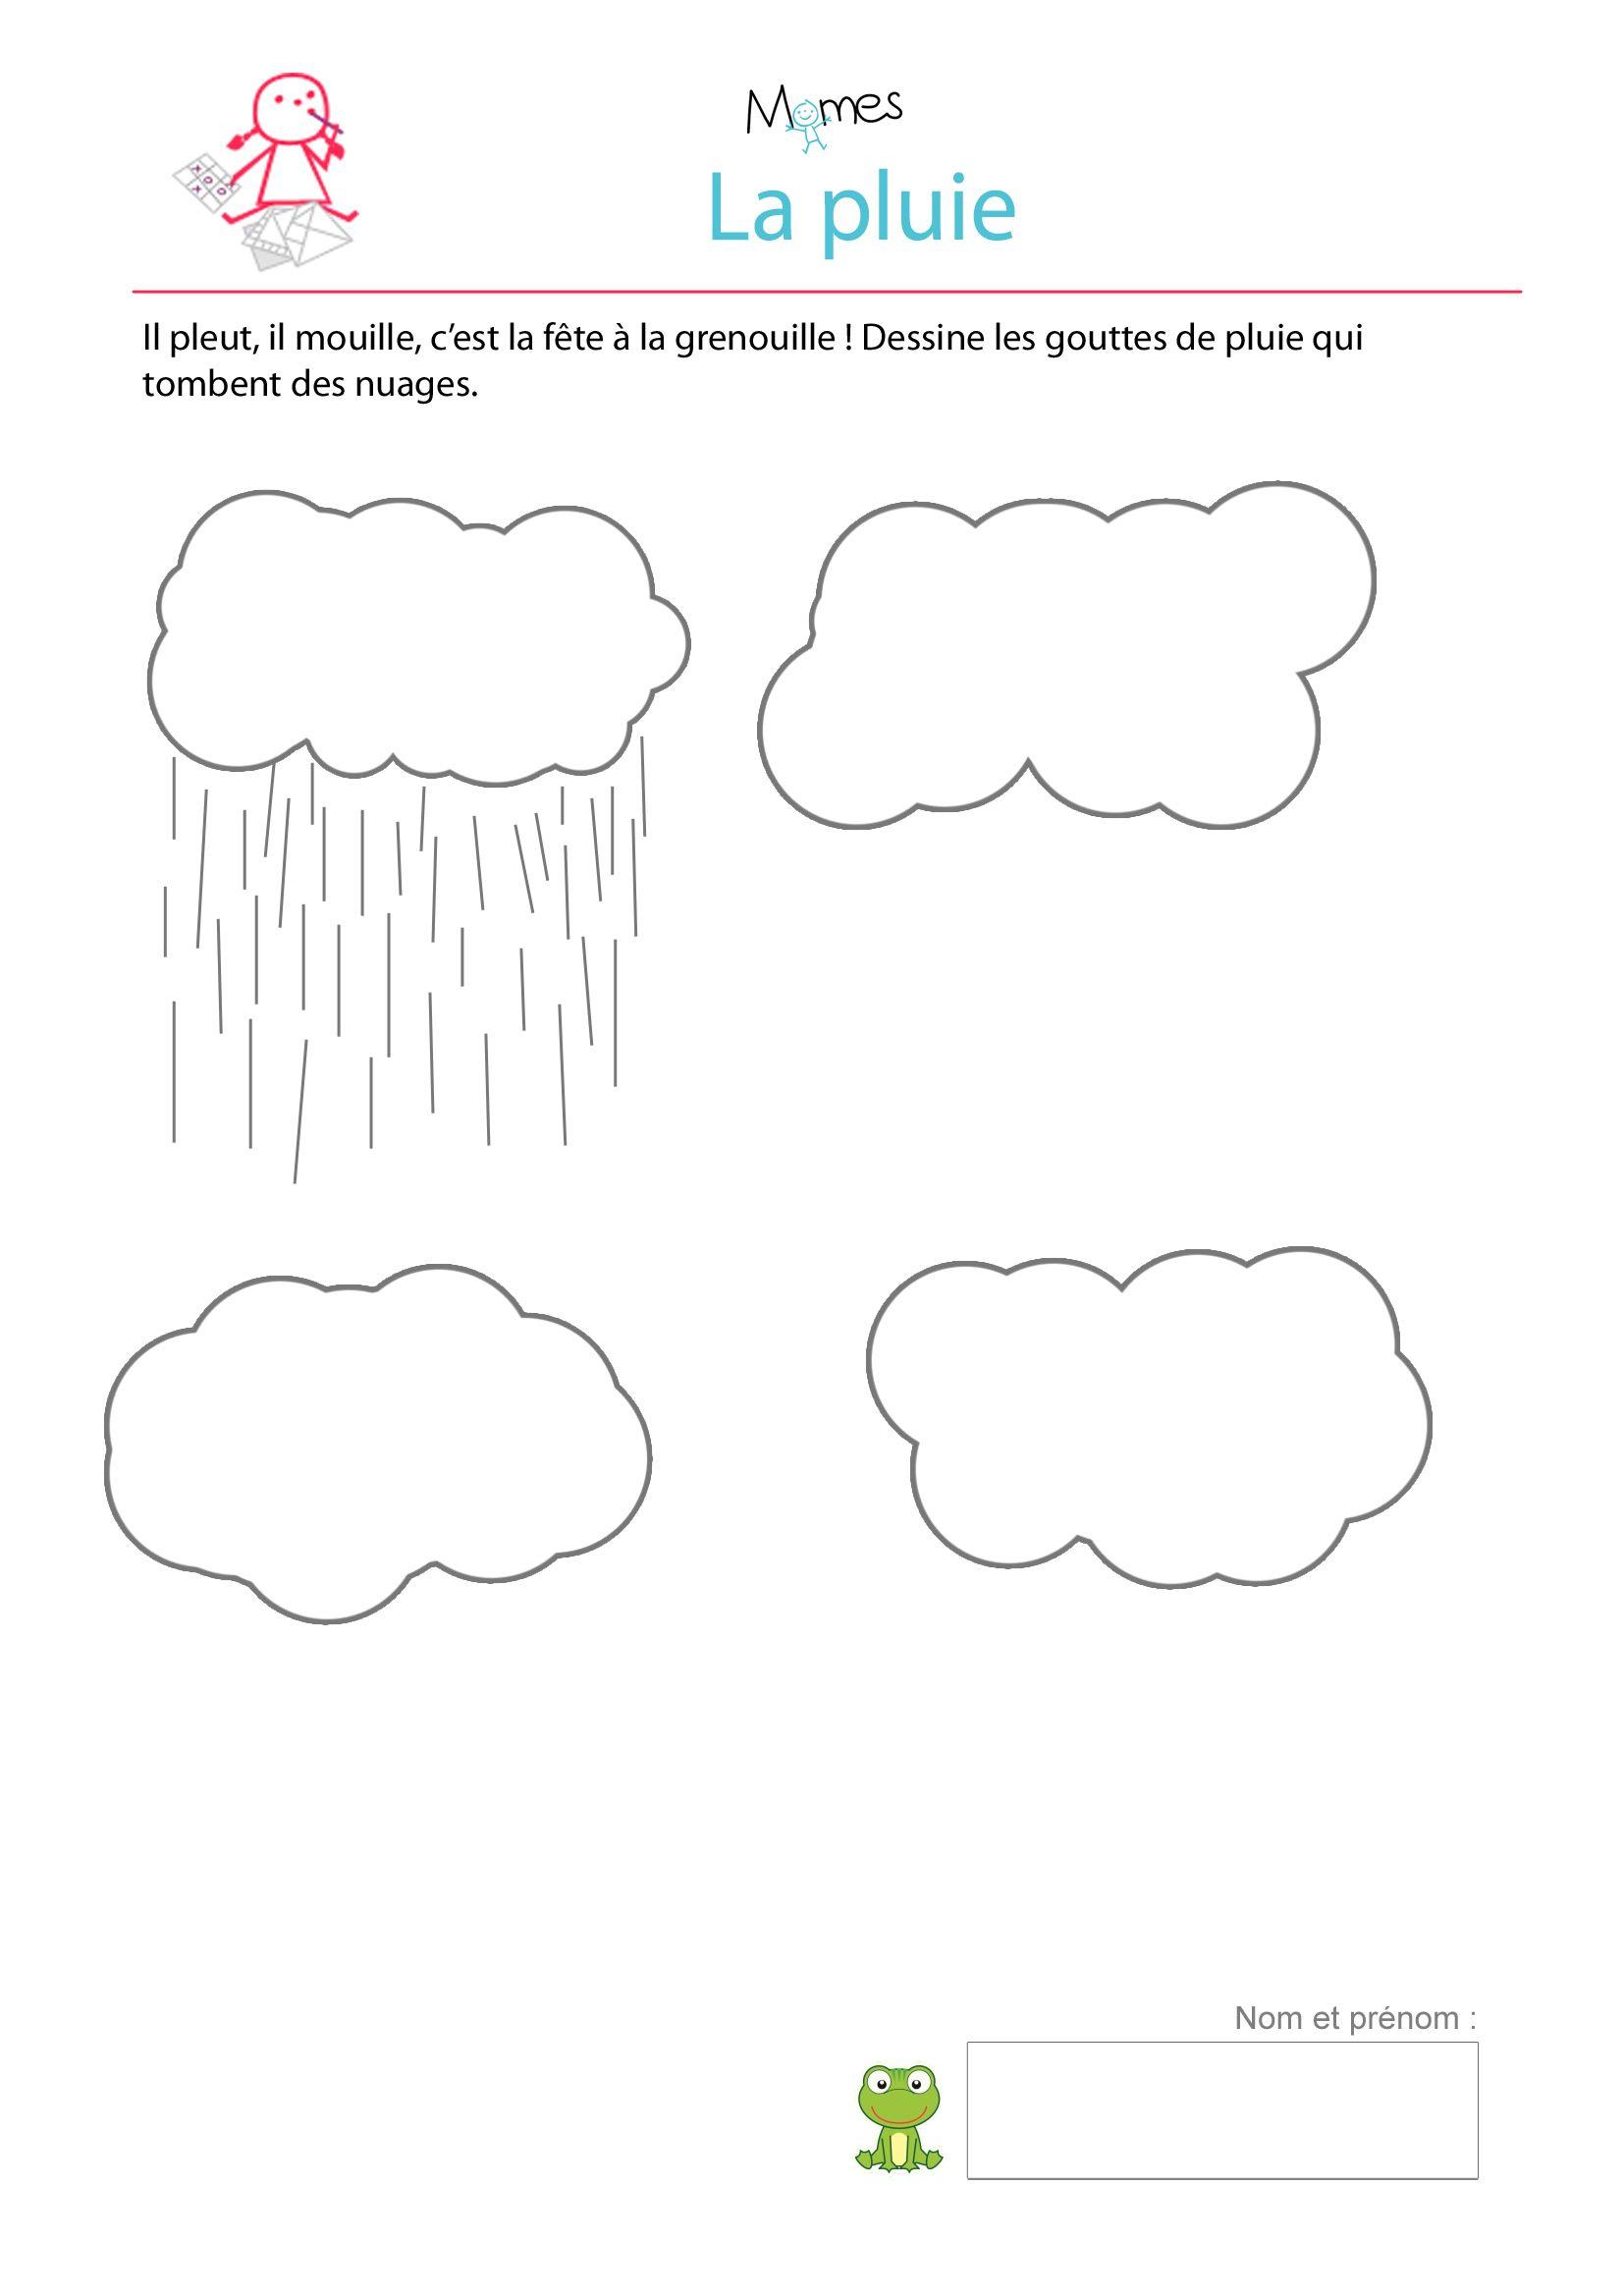 Dessine La Pluie - Exercice À Imprimer | Exercice Maternelle encequiconcerne Exercice Toute Petite Section